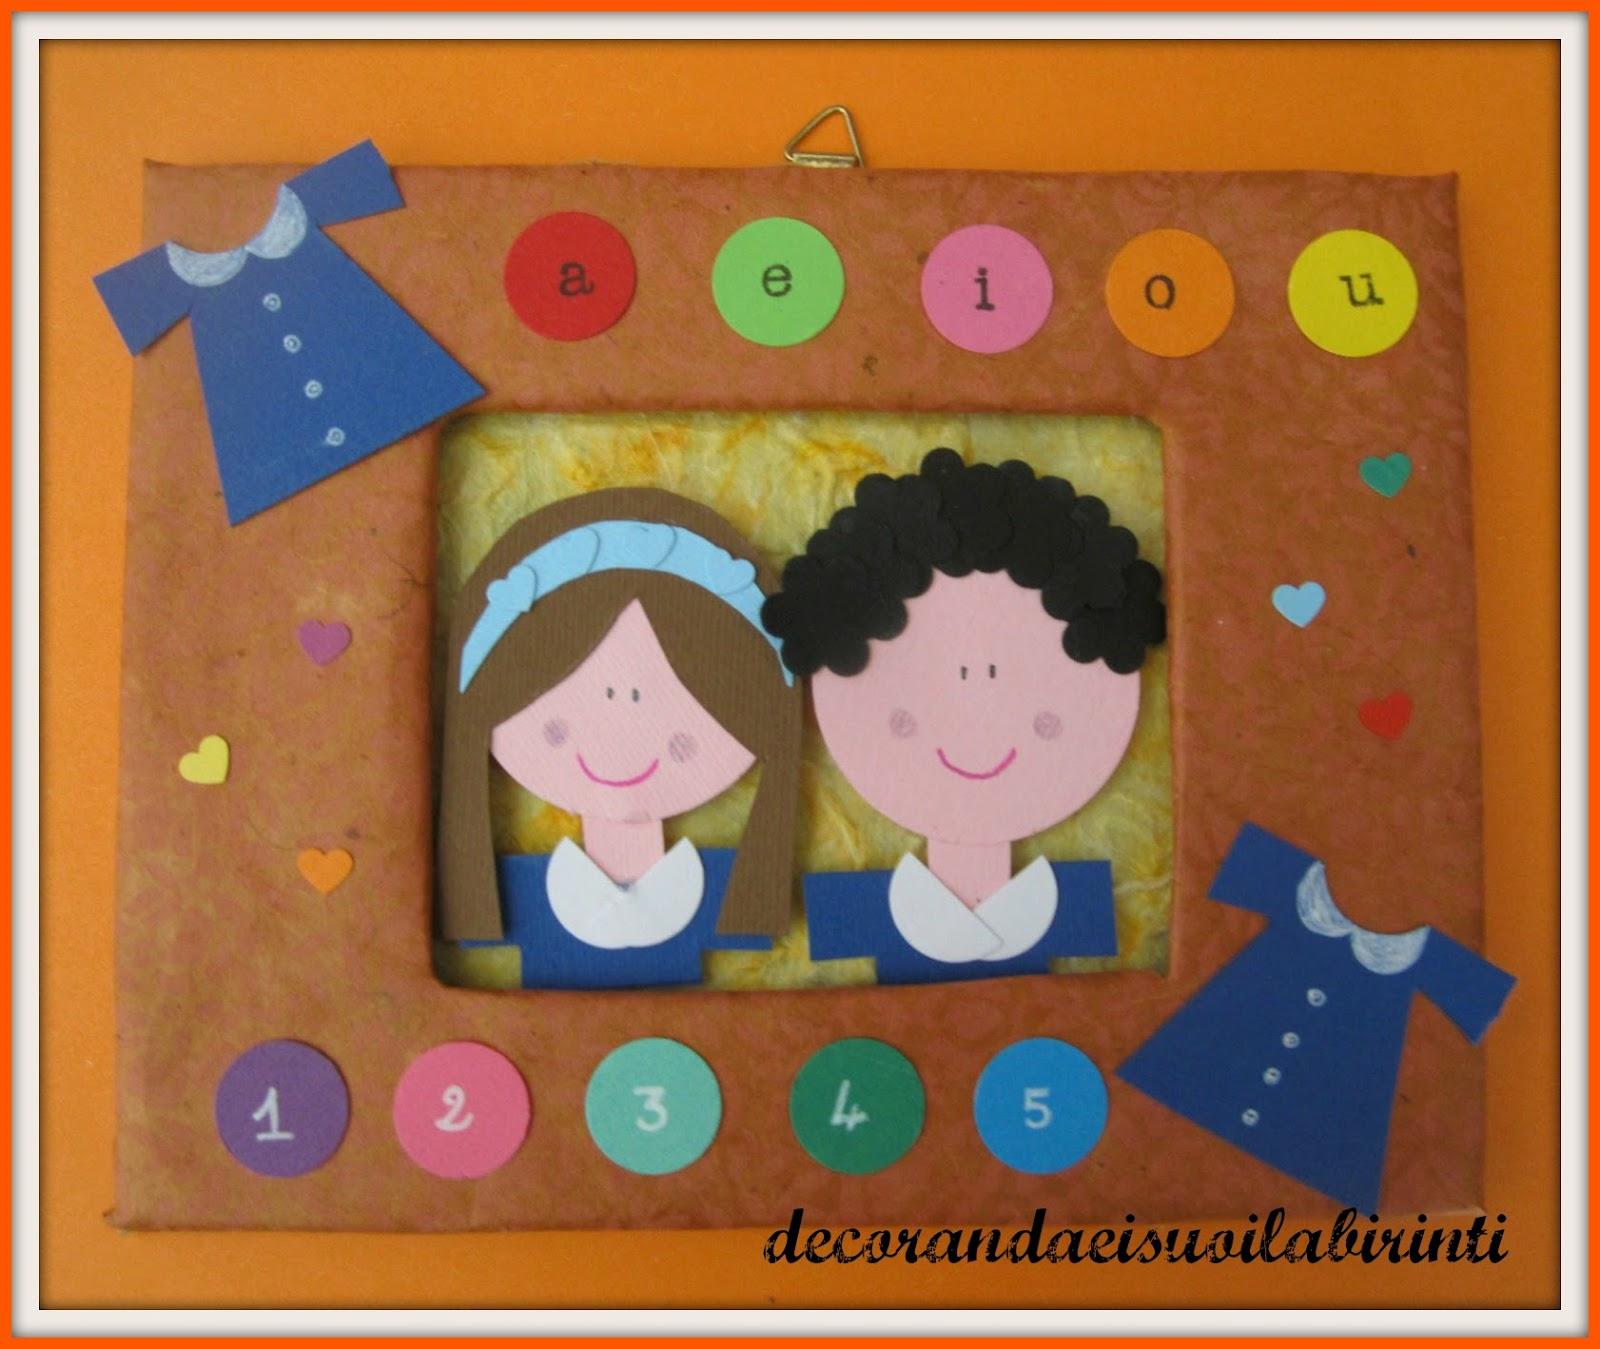 Decorandaeisuoilabirinti accoglienza for Lavoretti accoglienza infanzia